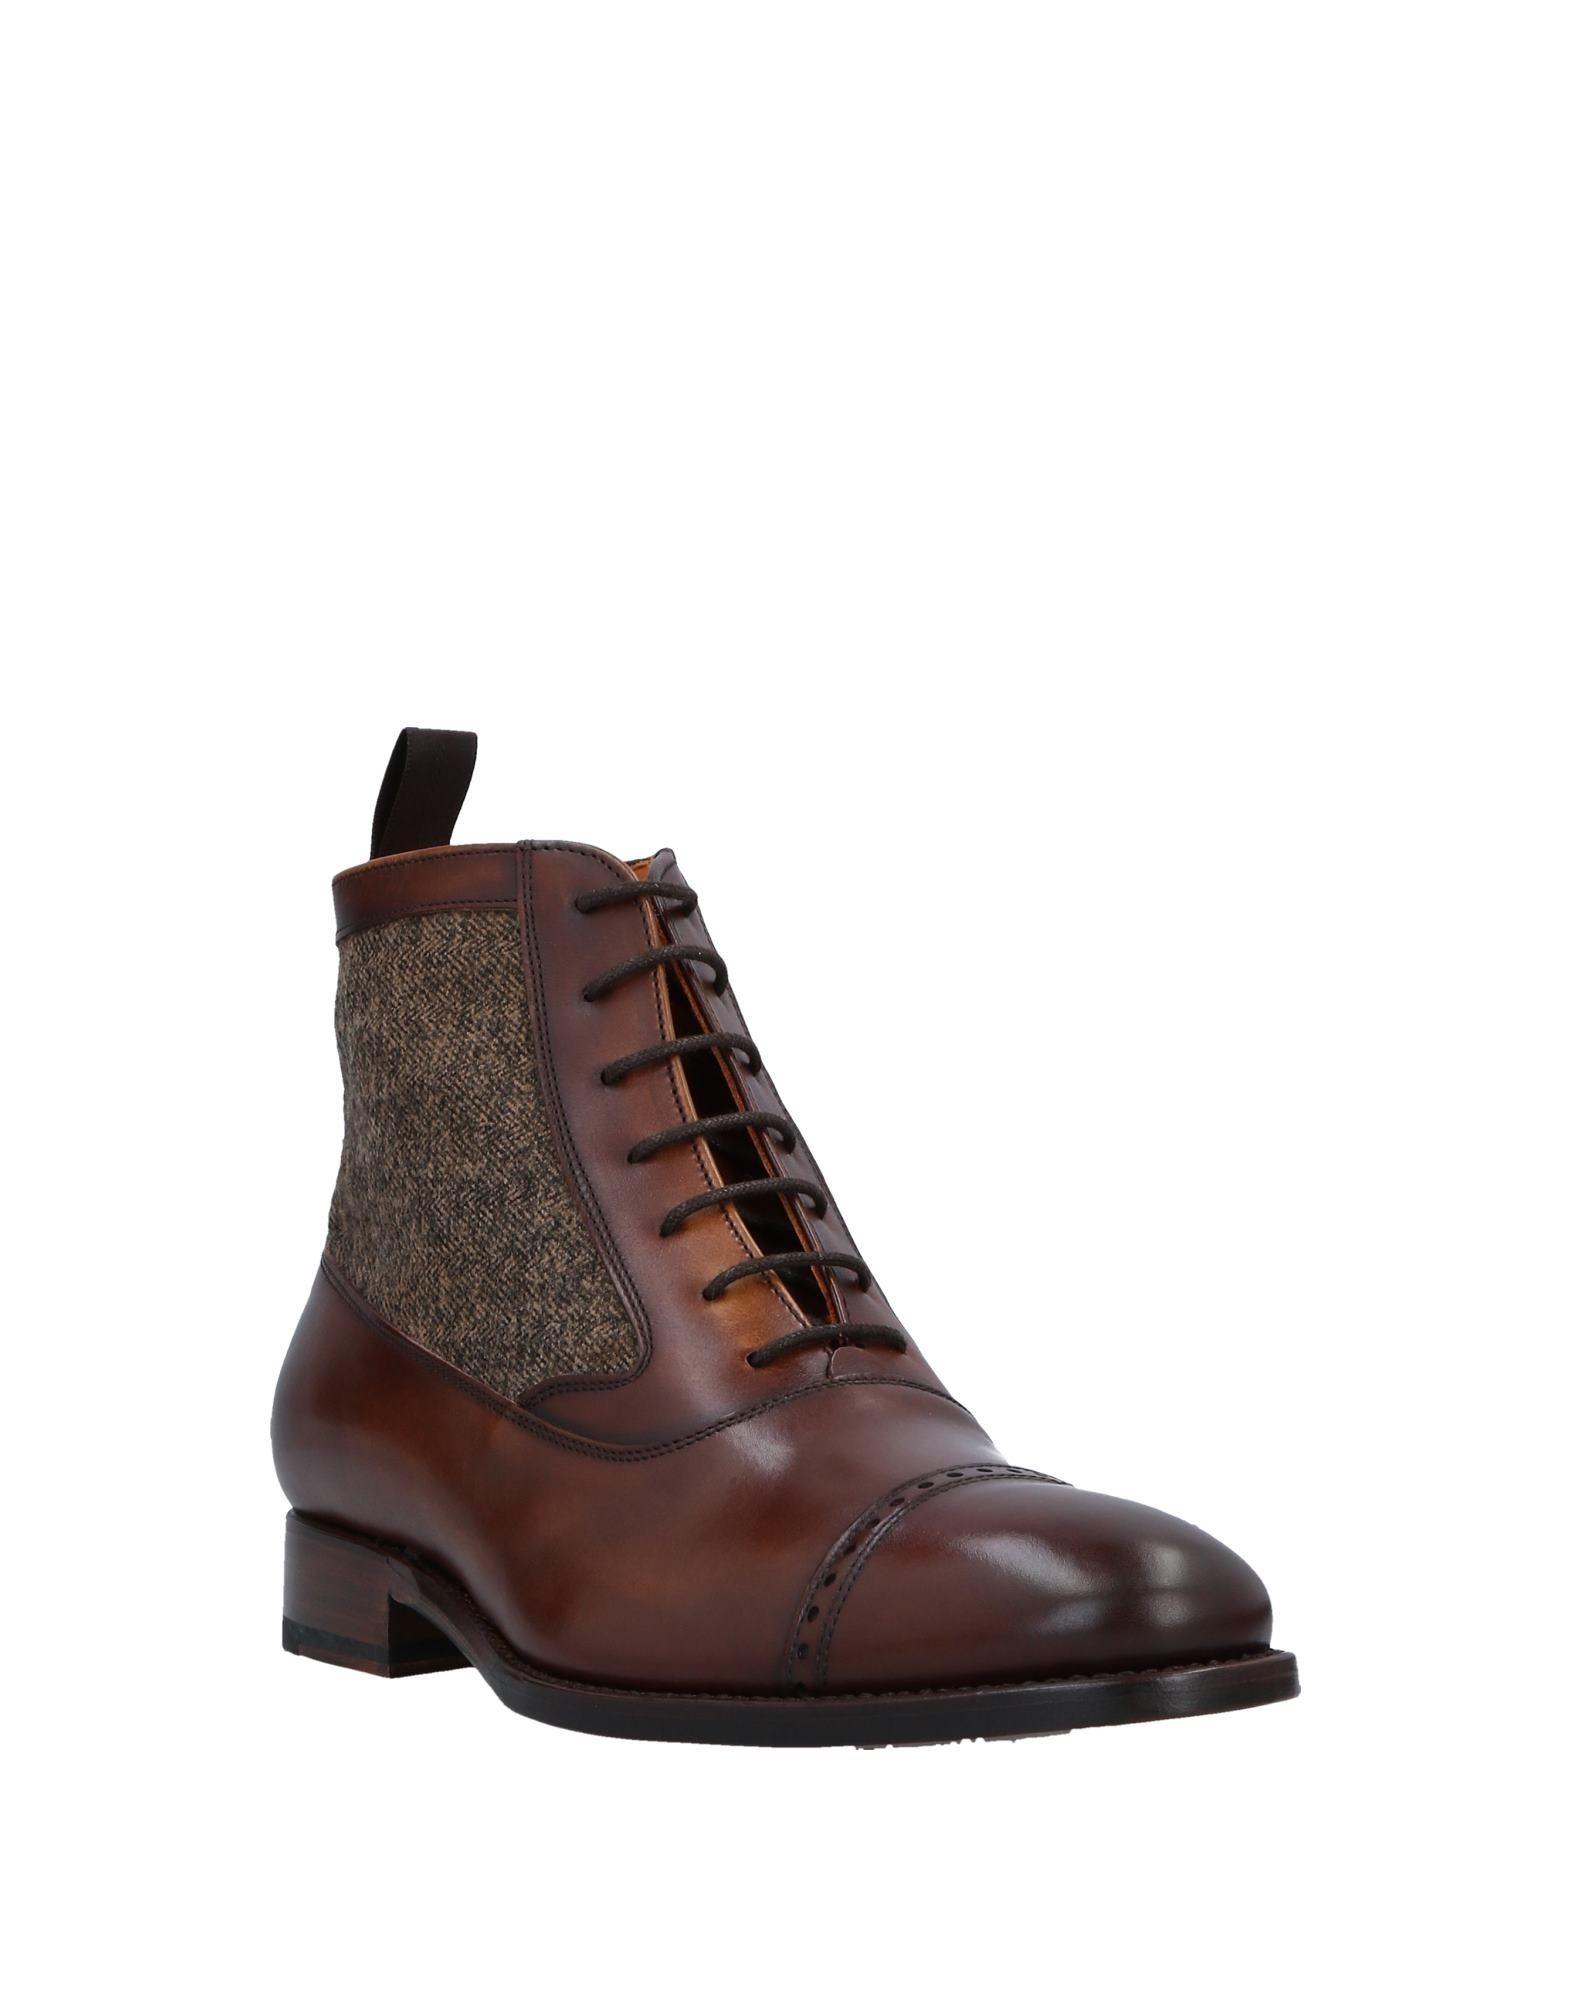 Cordwainer Stiefelette Herren  11534518BG Gute Qualität beliebte Schuhe